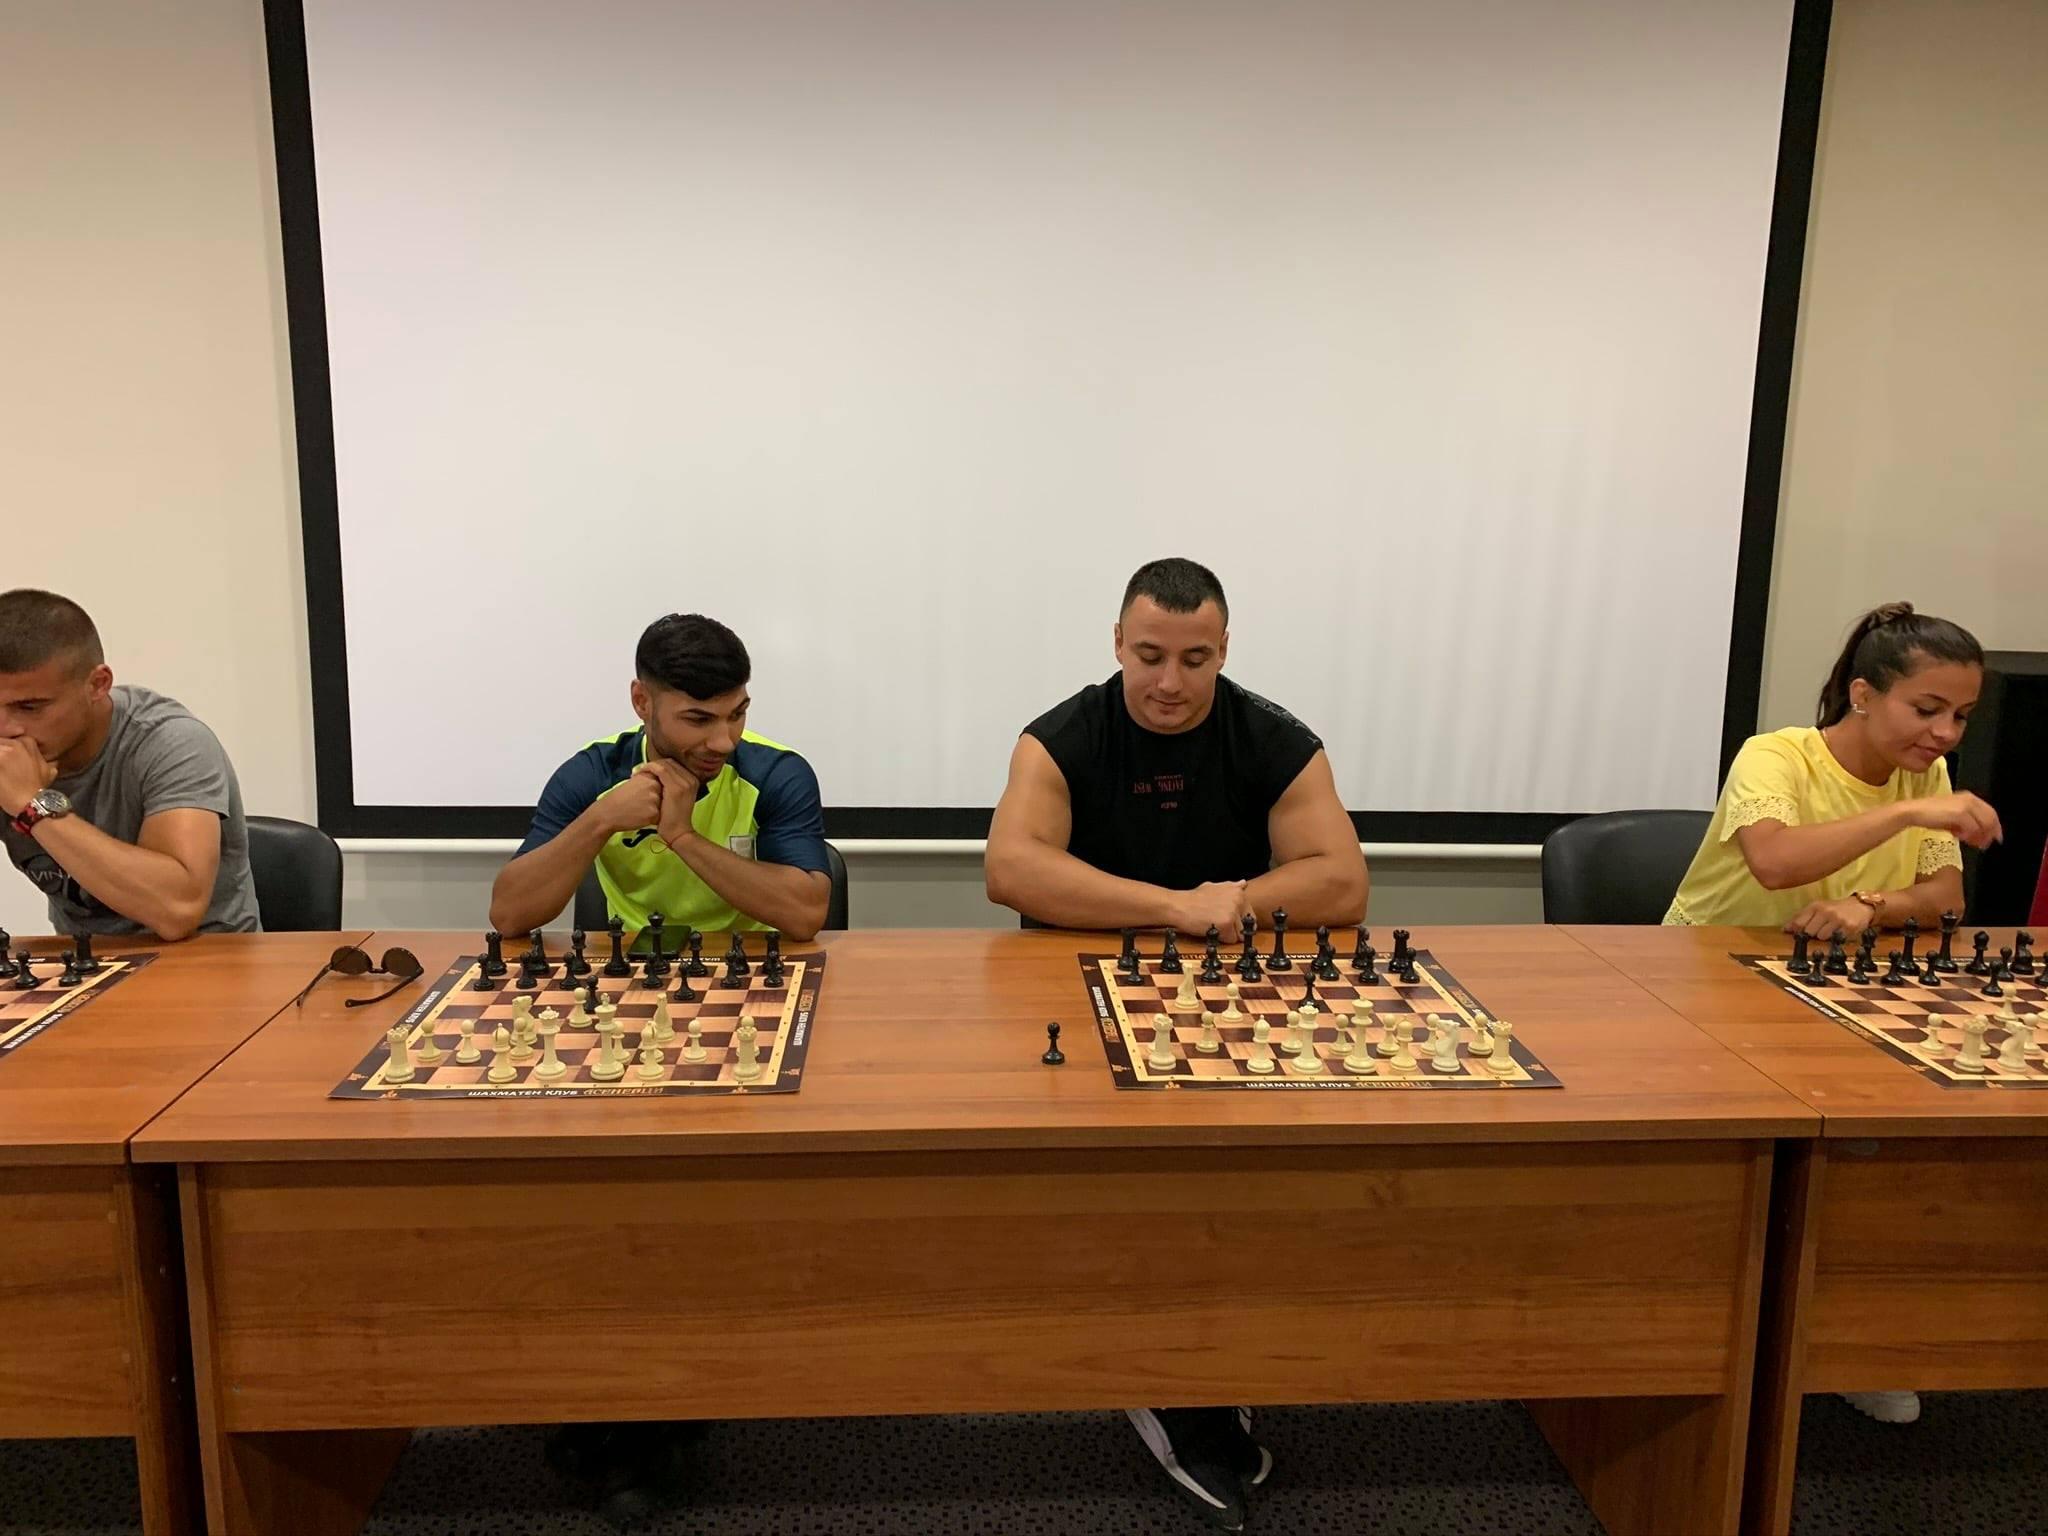 Звезди от бокса, Елица Янкова и Темелков се пробваха в шаха (СНИМКИ)